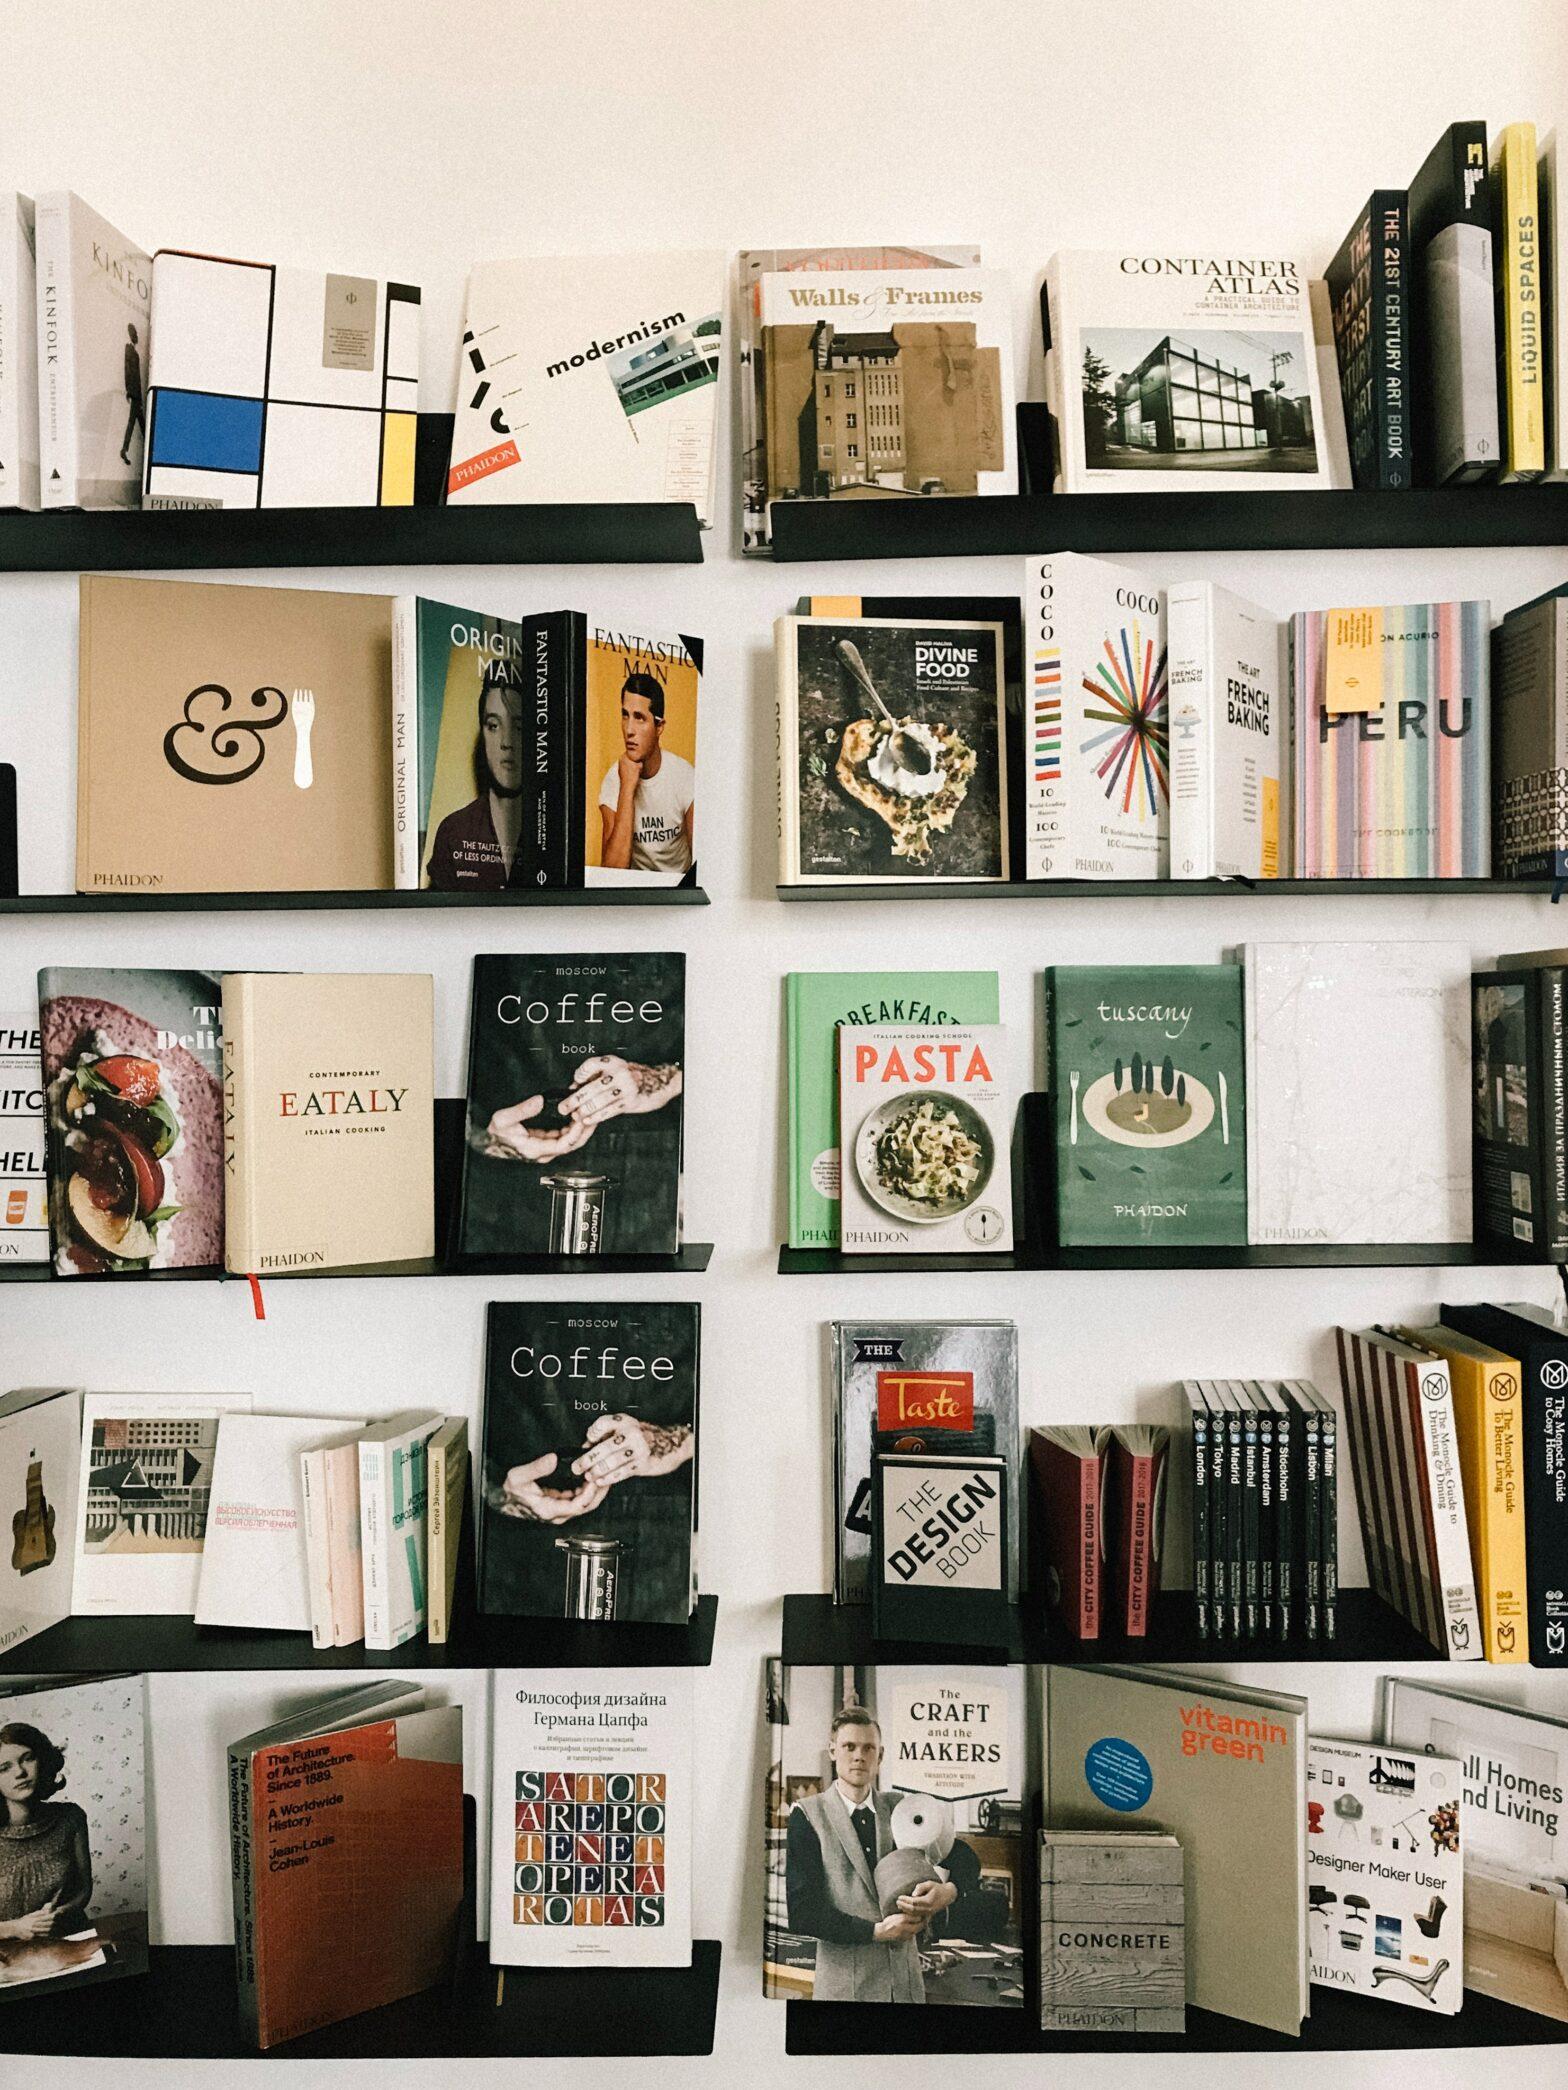 Auf dem Bild ist eine Sammllung von Büchern. Ihre Titel sind unterschiedlich. Das Bild ist von Marta Dzedyshko. Es ist von der Platt-Form Pexels.